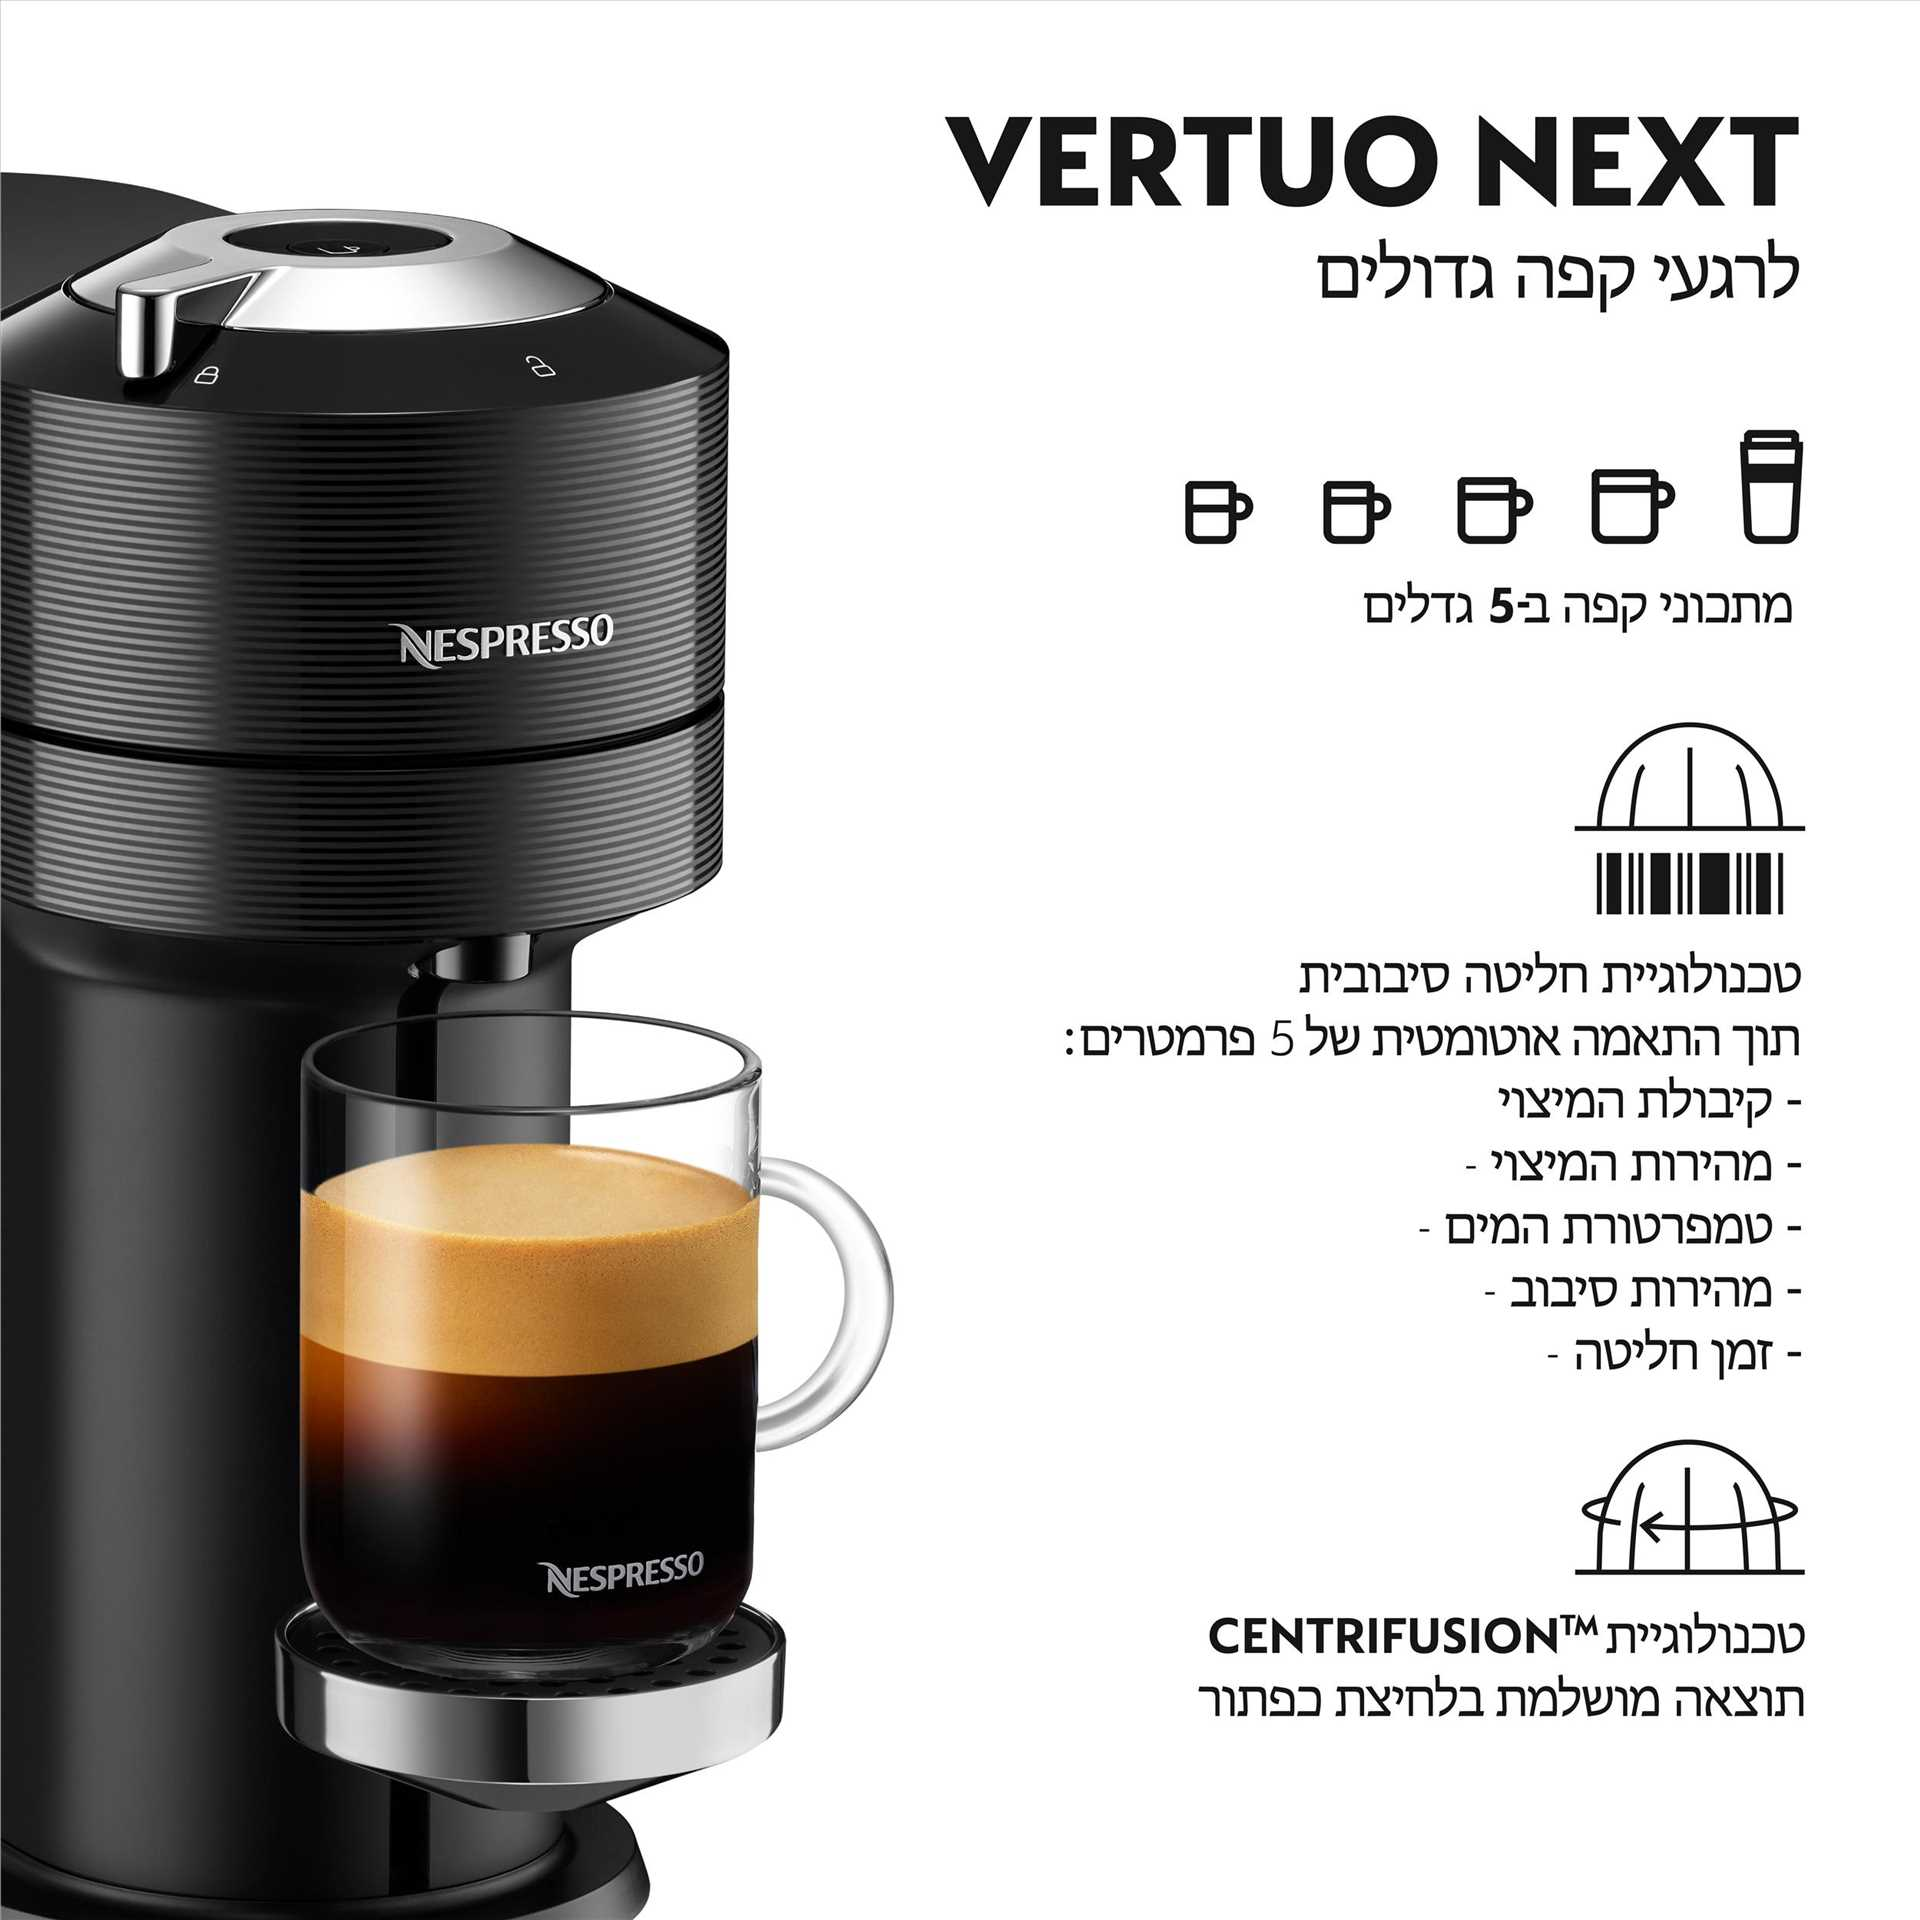 מכונת קפה NESPRESSO VertuoNext GCV1 שחור נספרסו - תמונה 2